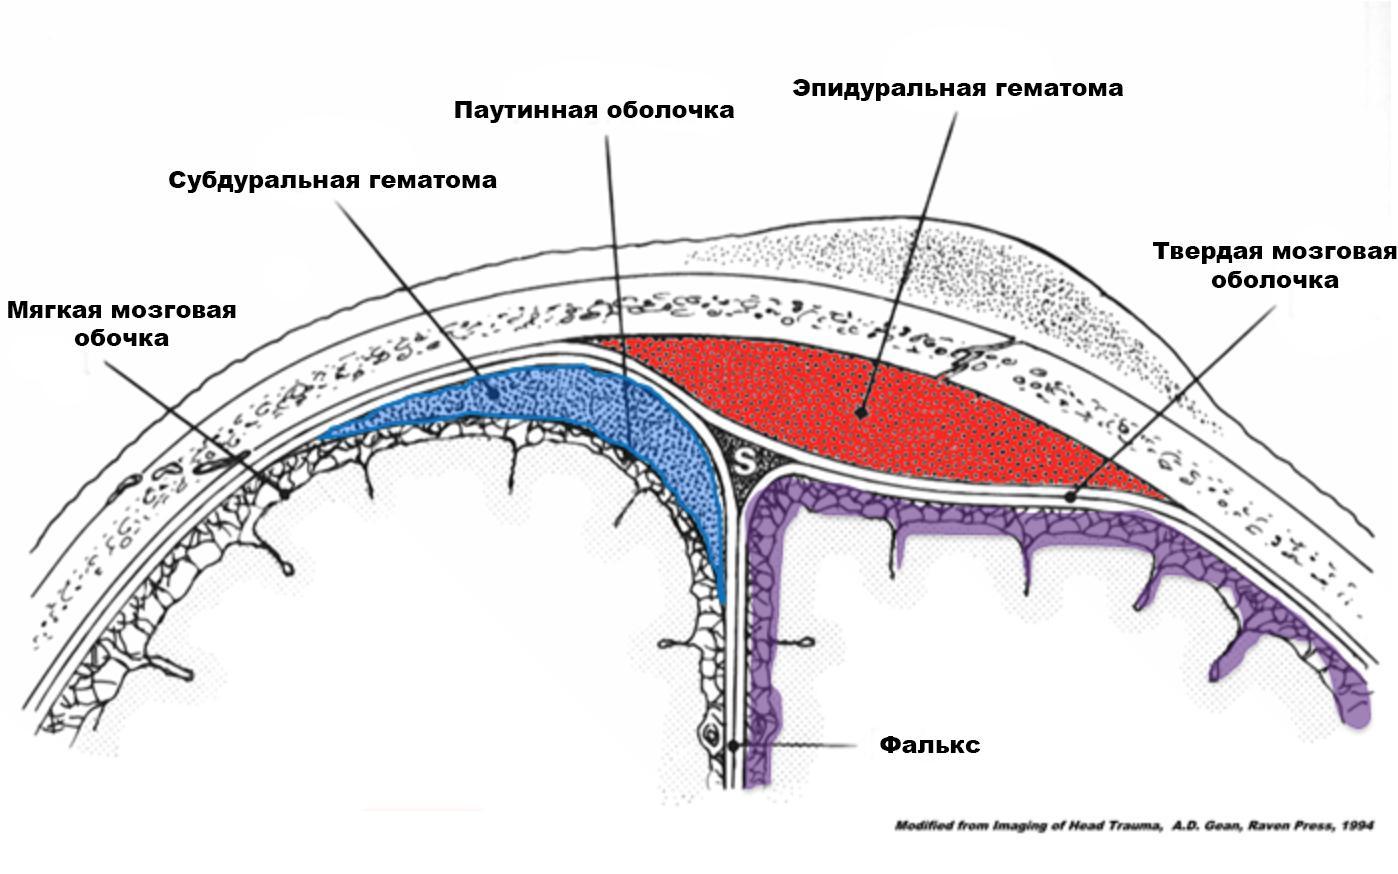 Локализация внутричерепных гематом